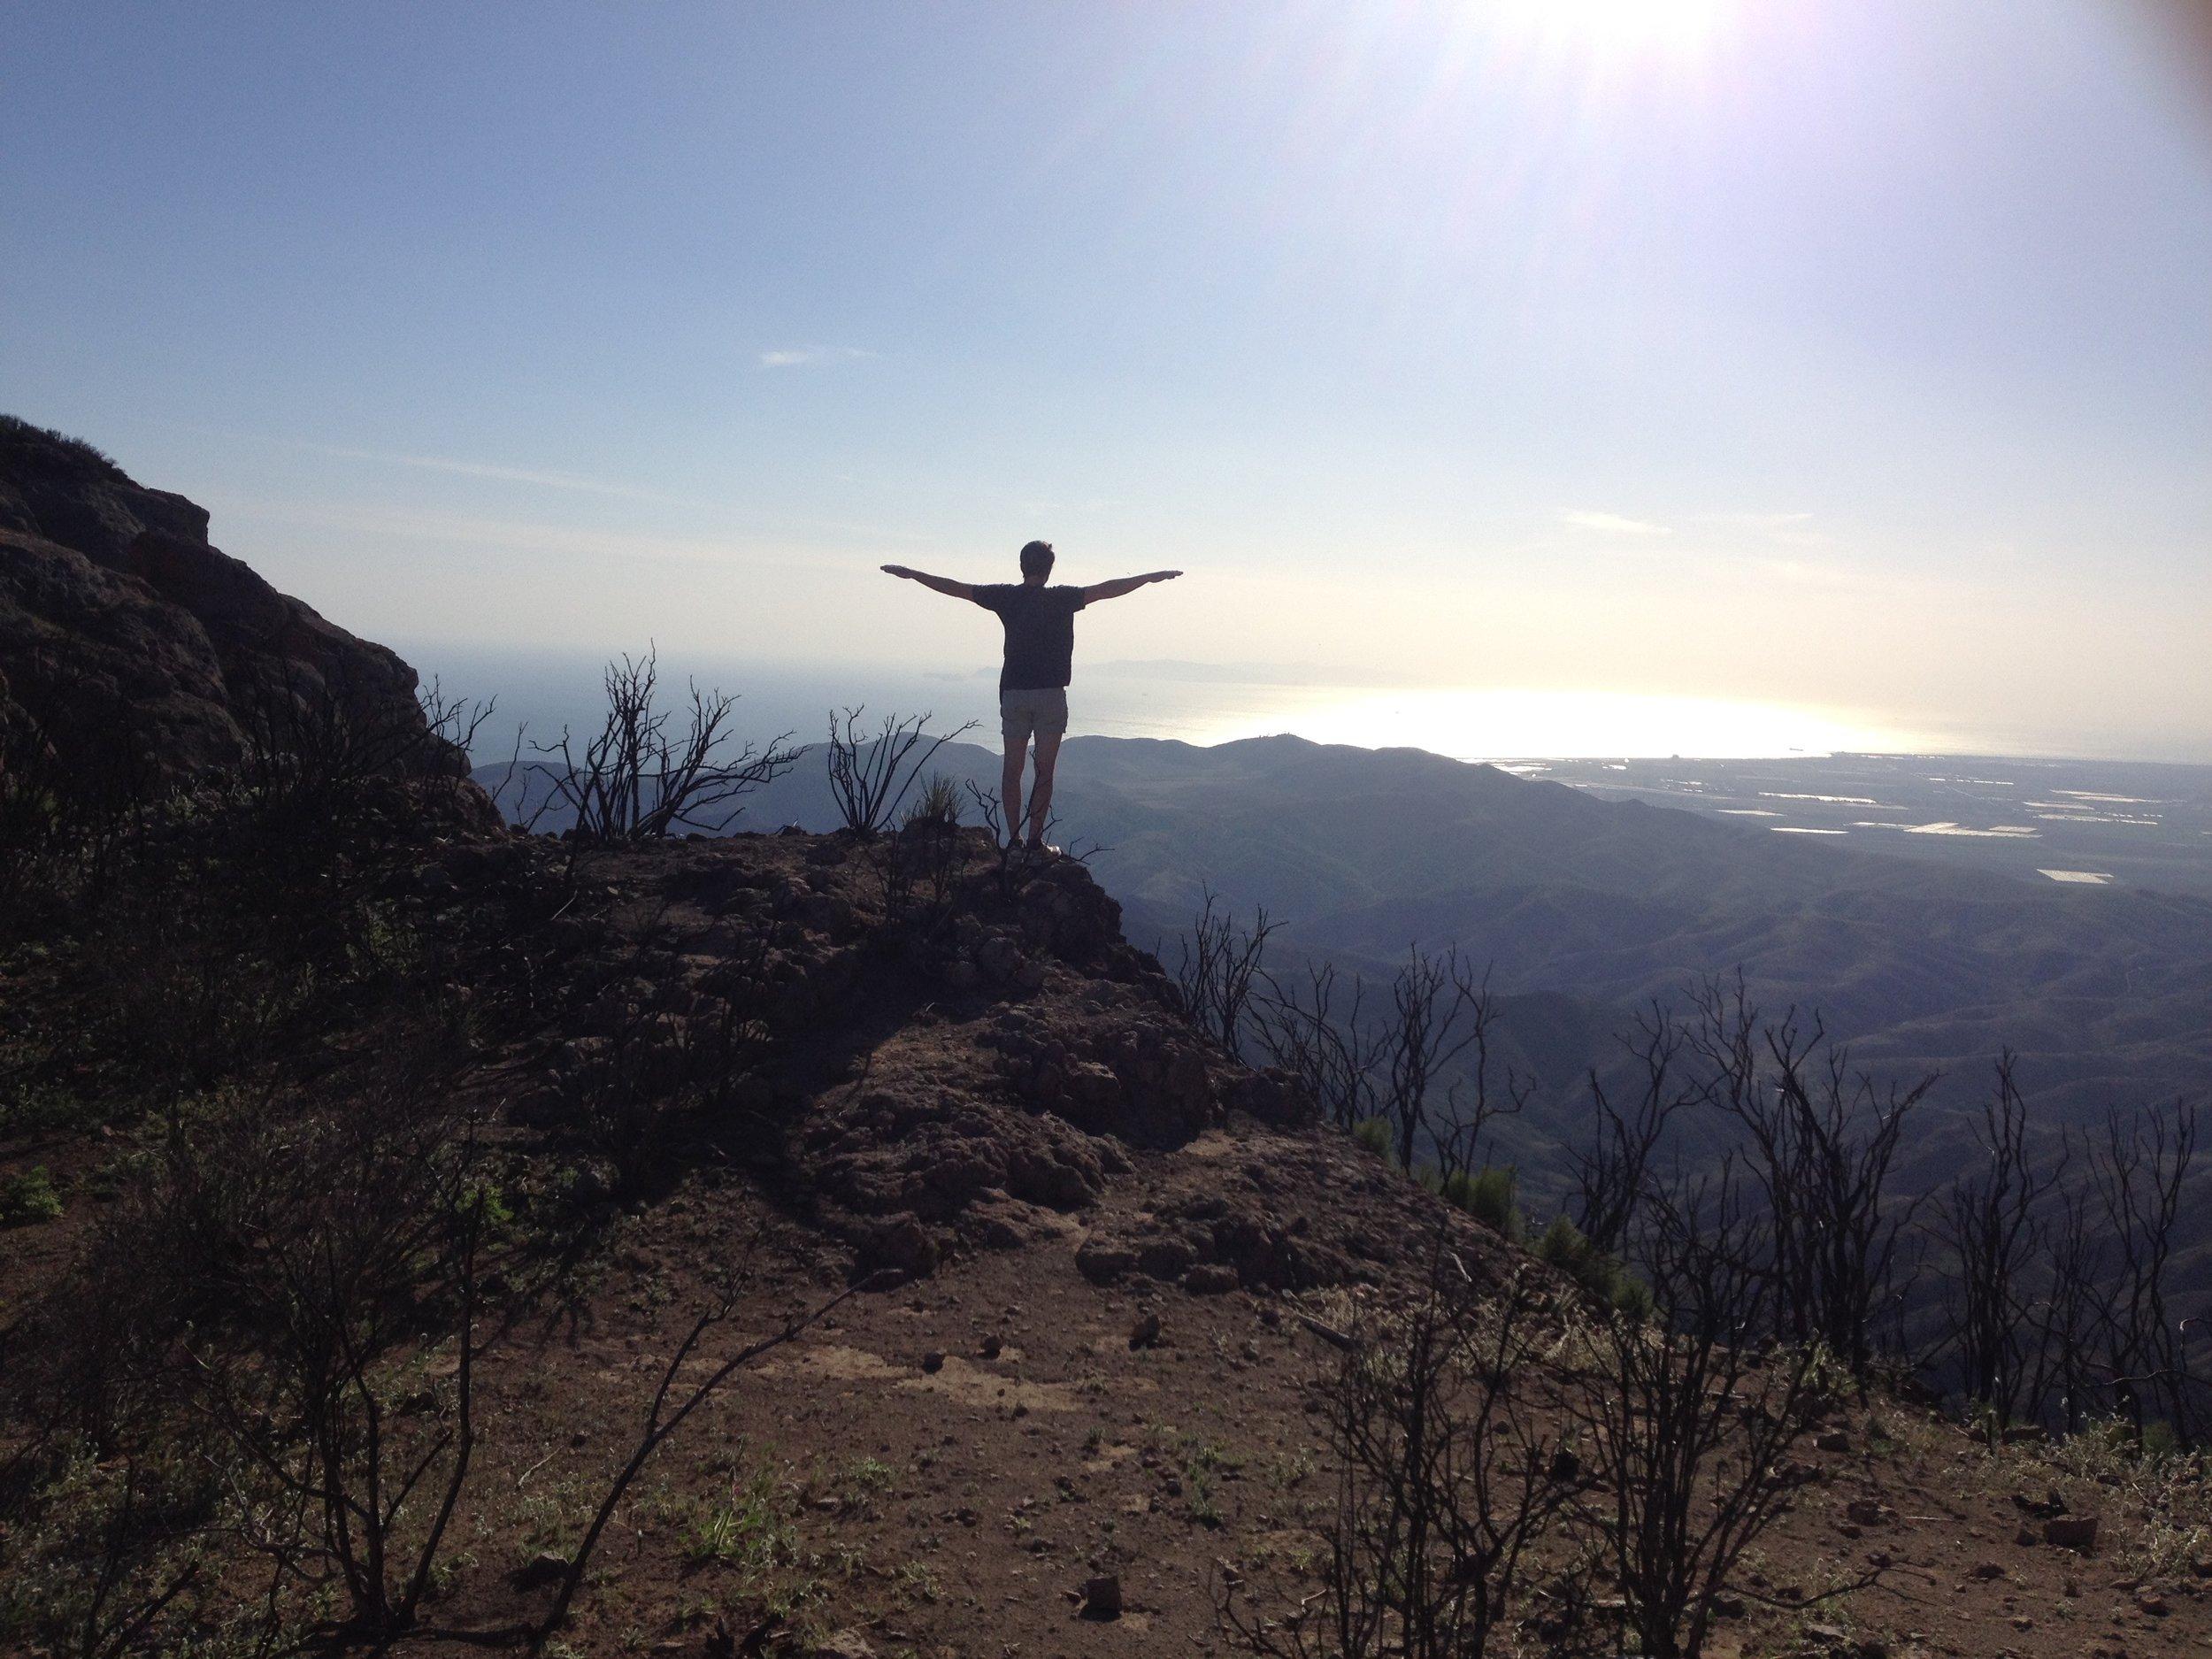 Kai. On a hike to Sandstone Peak in Malibu. Photo by me.